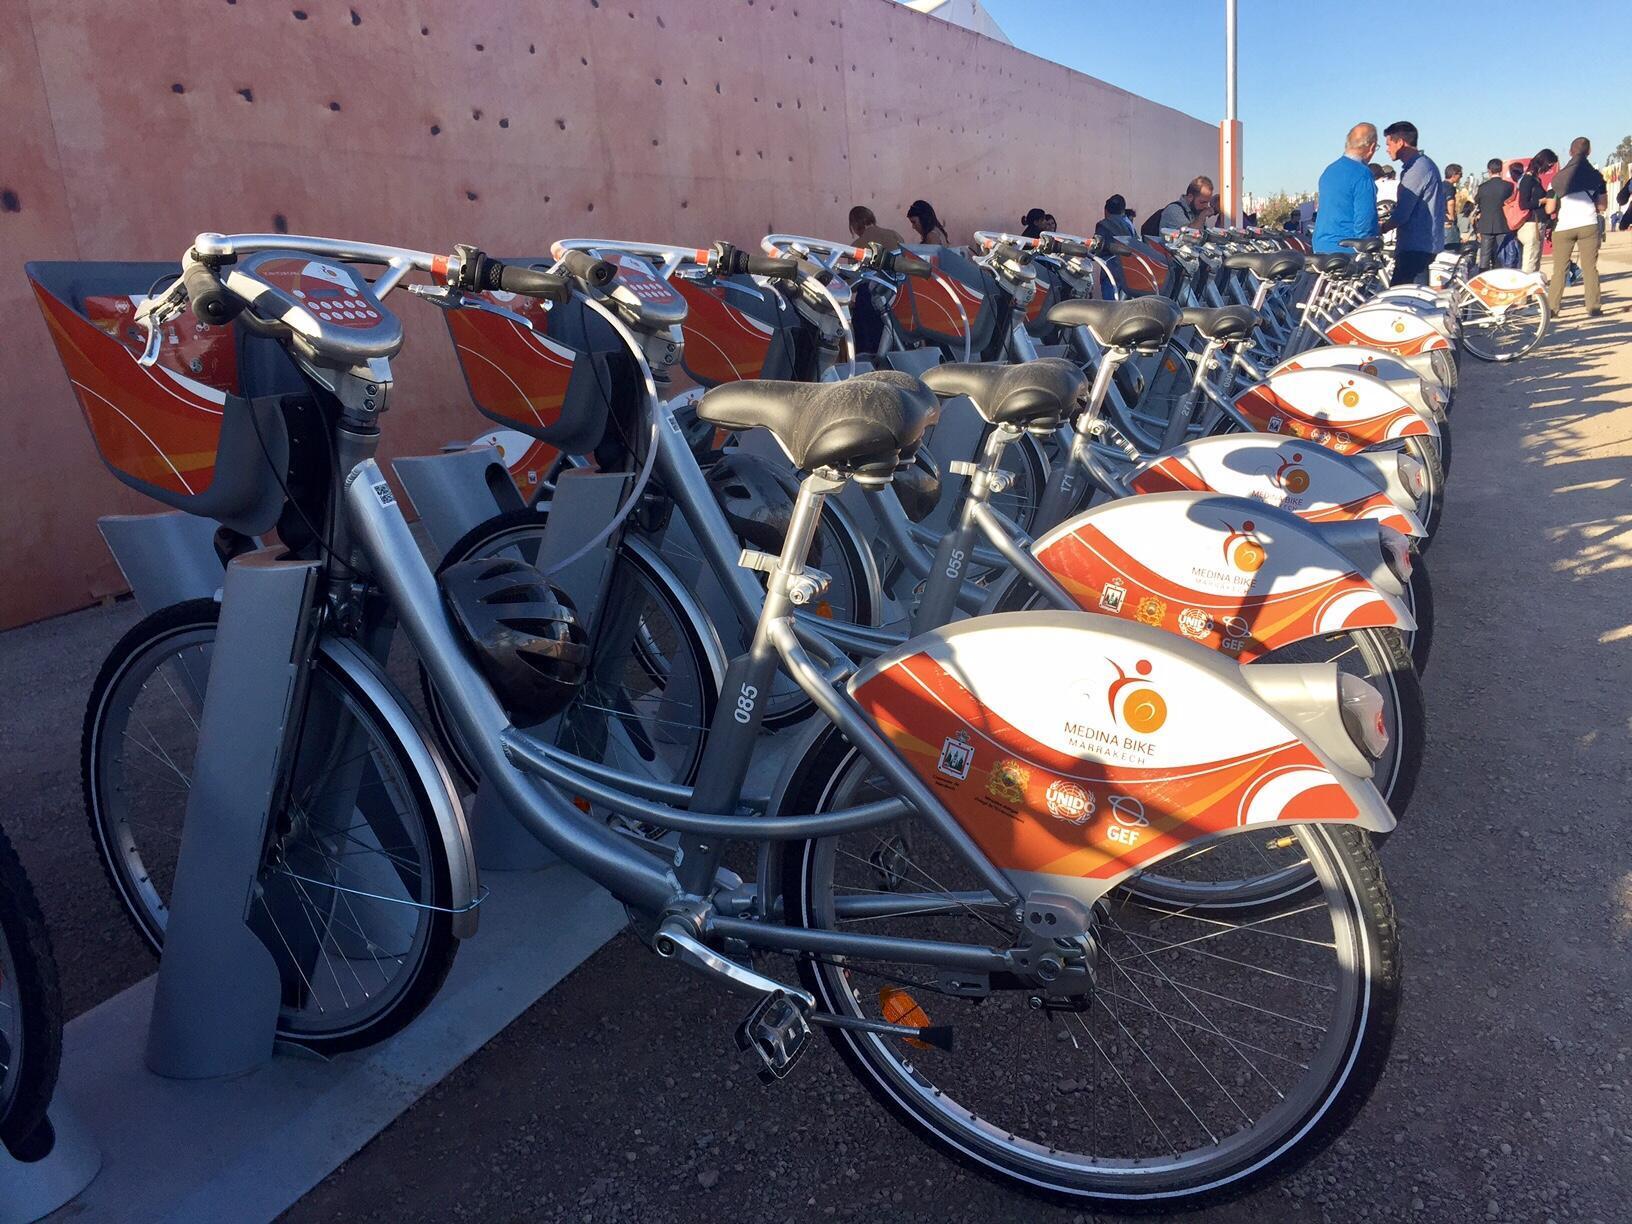 Comme beaucoup de villes à travers le monde, Marrakech a adopté le principe du vélo en libre-service.